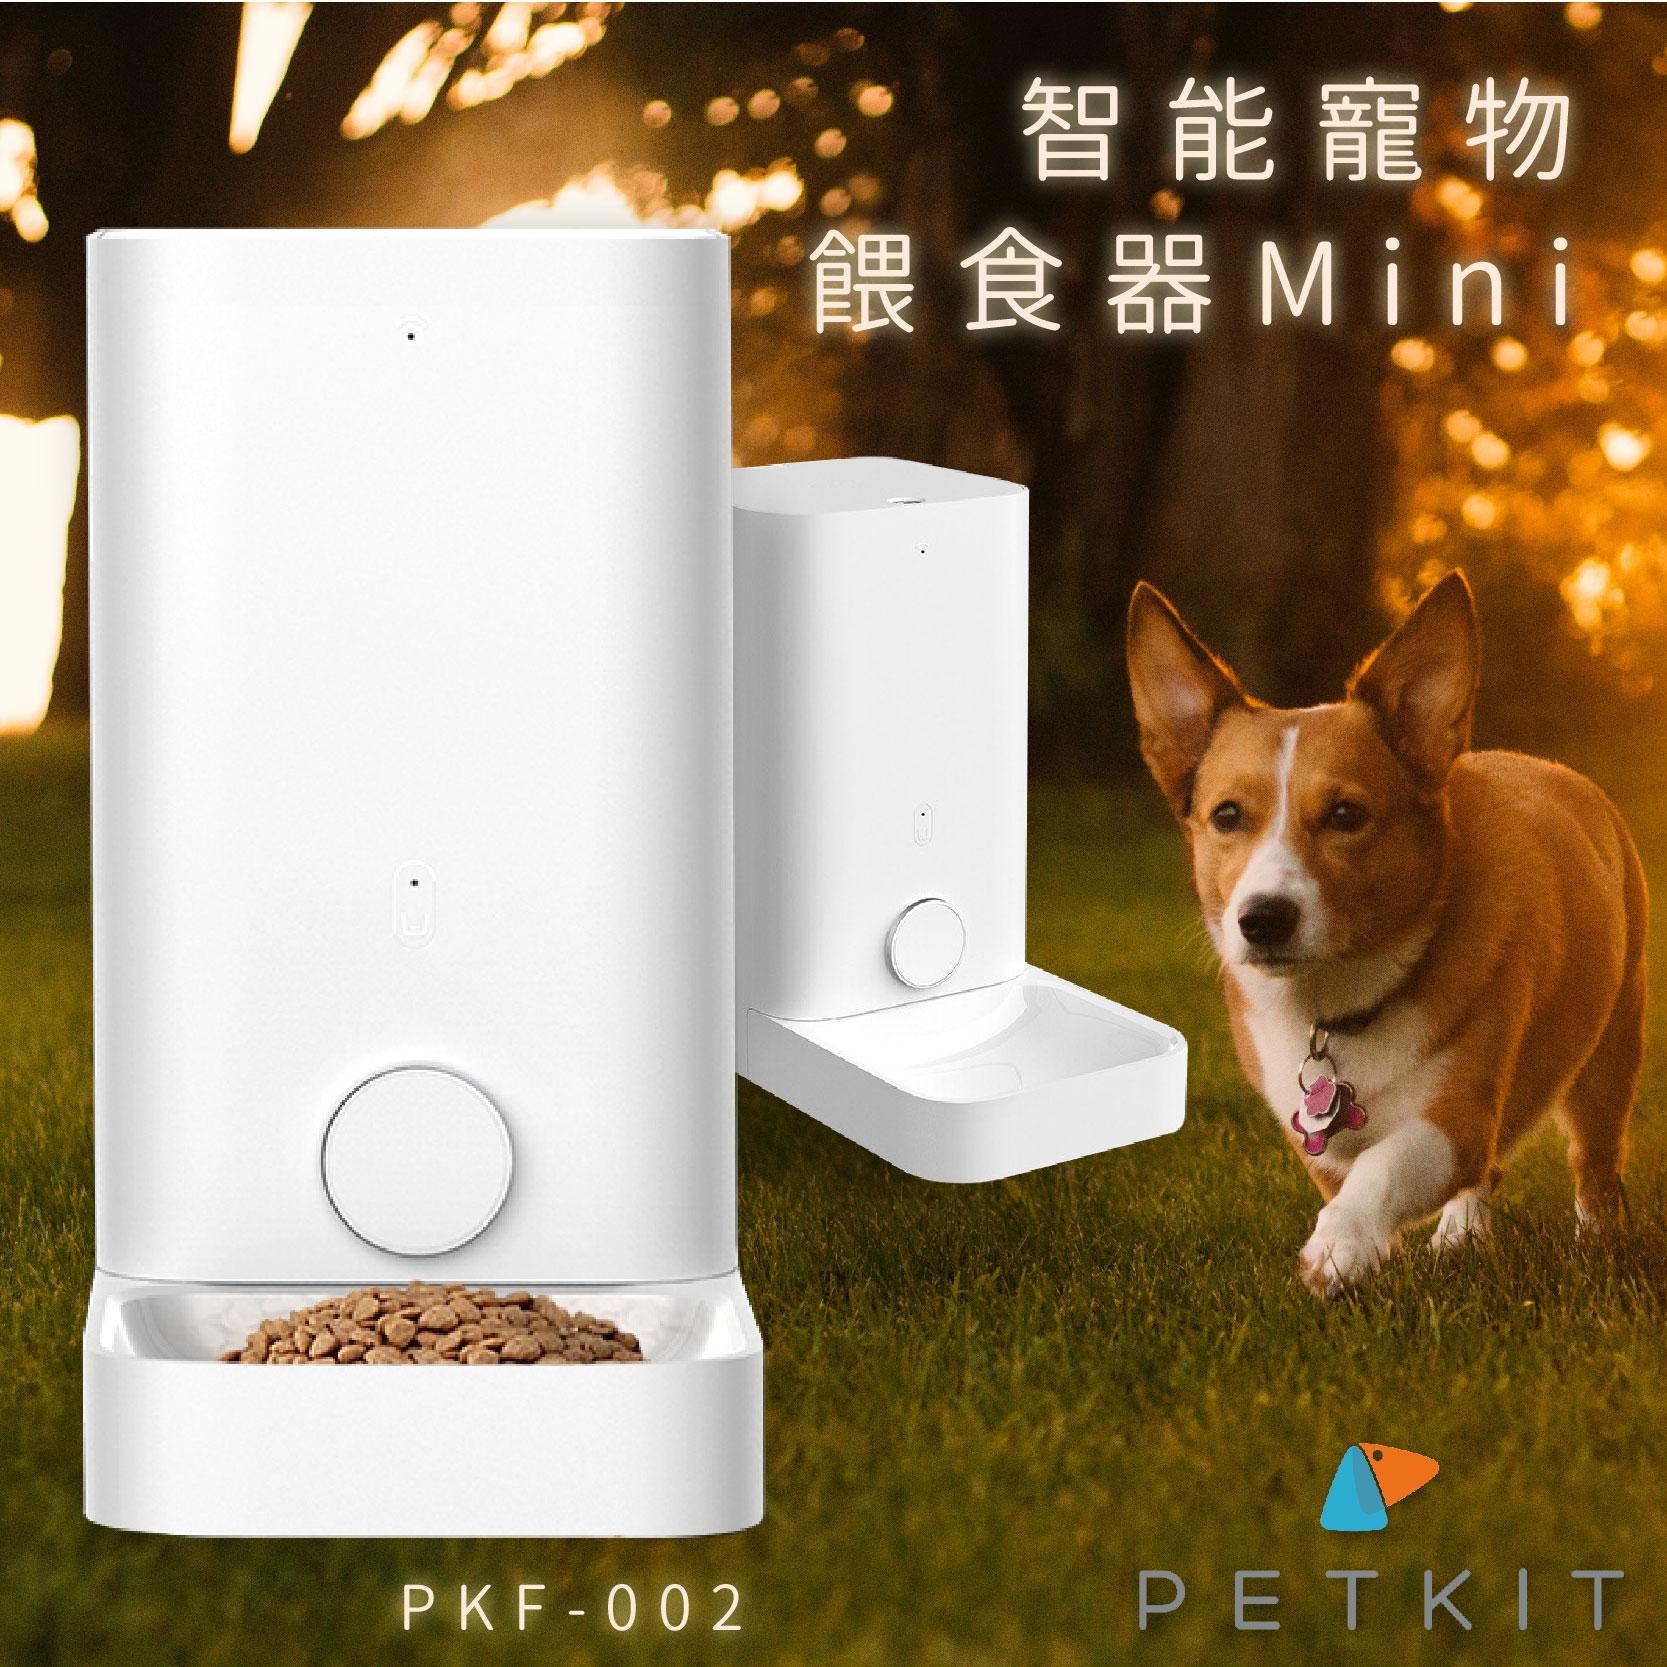 Petkit 智能寵物餵食器Mini PKF-002 寵物餐飲 寵物用品 貓咪 無線連接 可拆洗 貓用品 乾燥保鮮